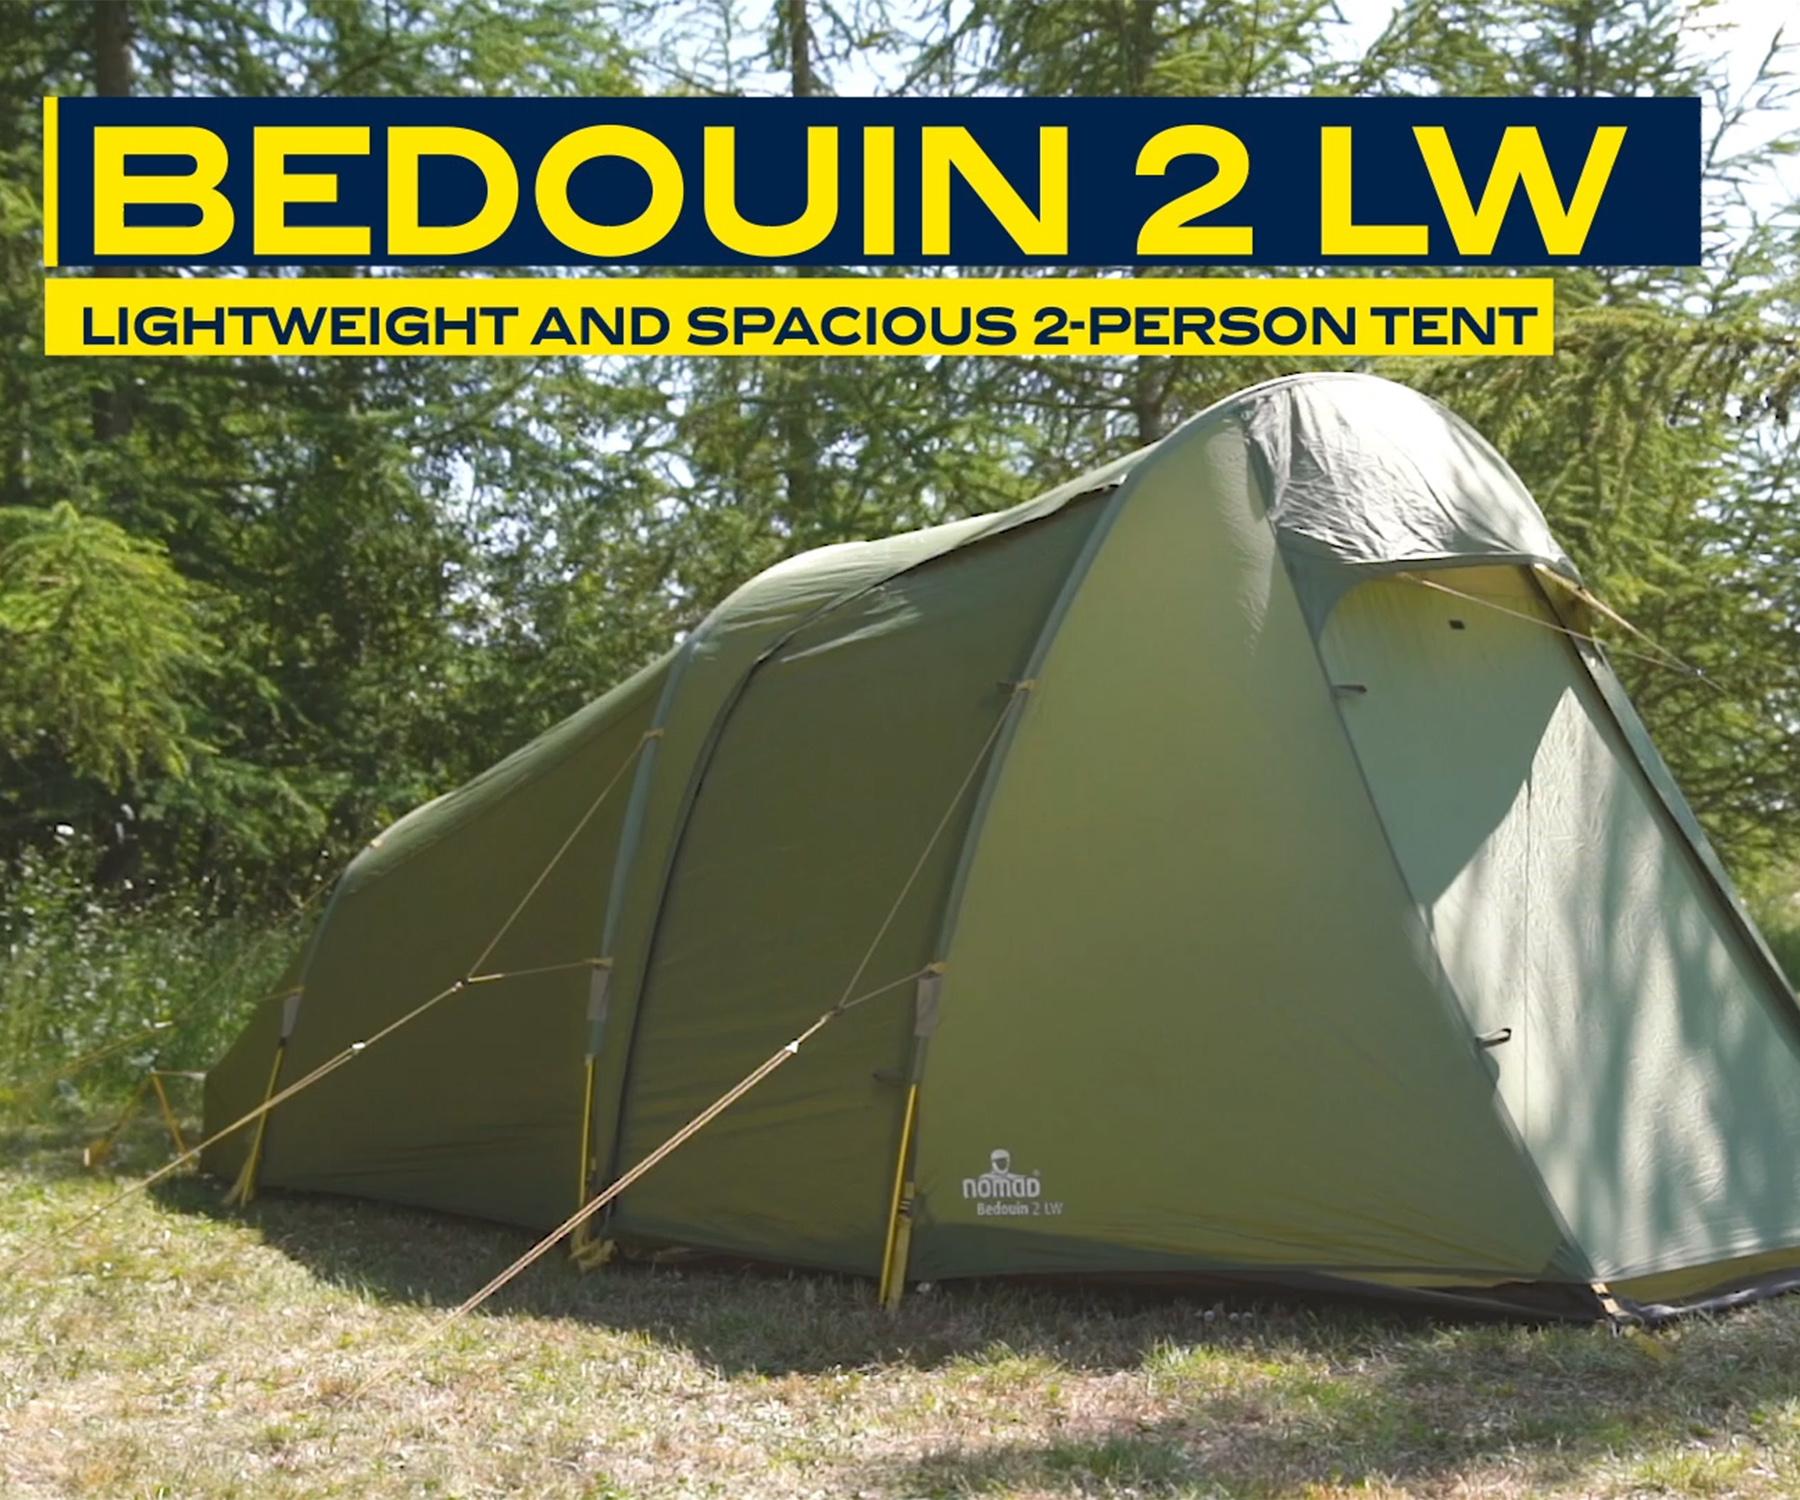 Bedouin 2 LW